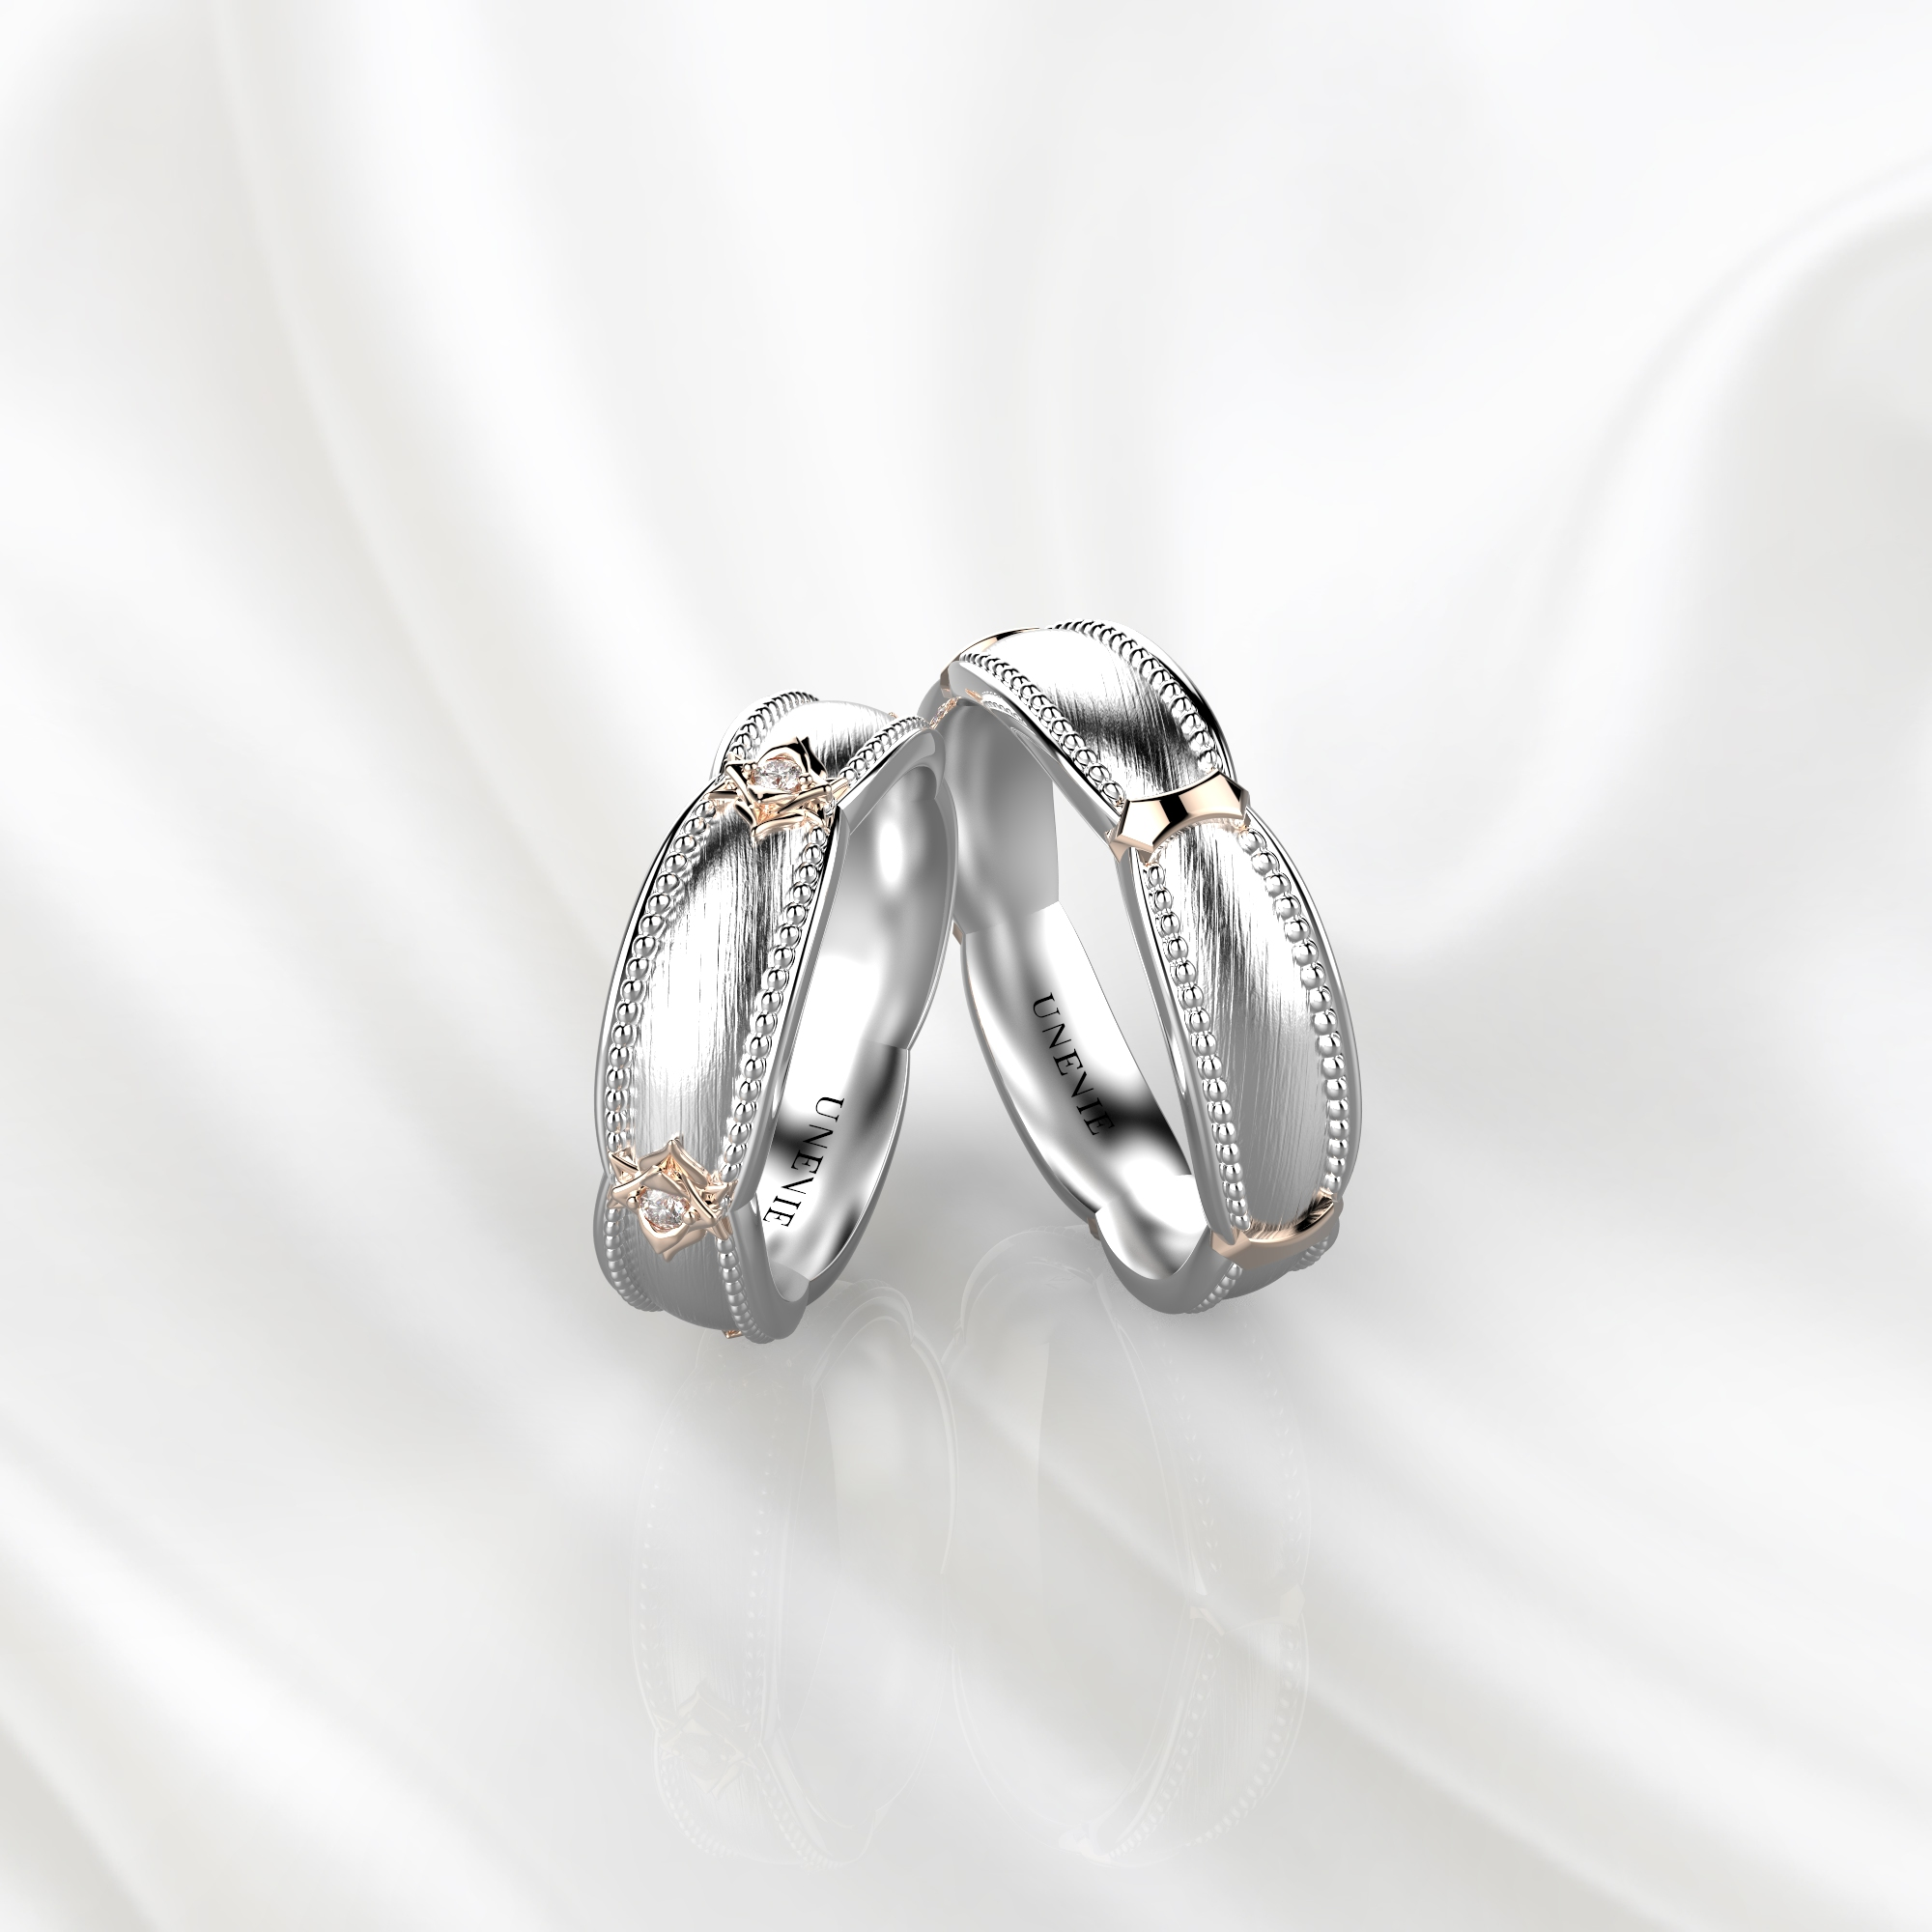 NV73 Парные обручальные кольца из бело-розового золота с бриллиантами